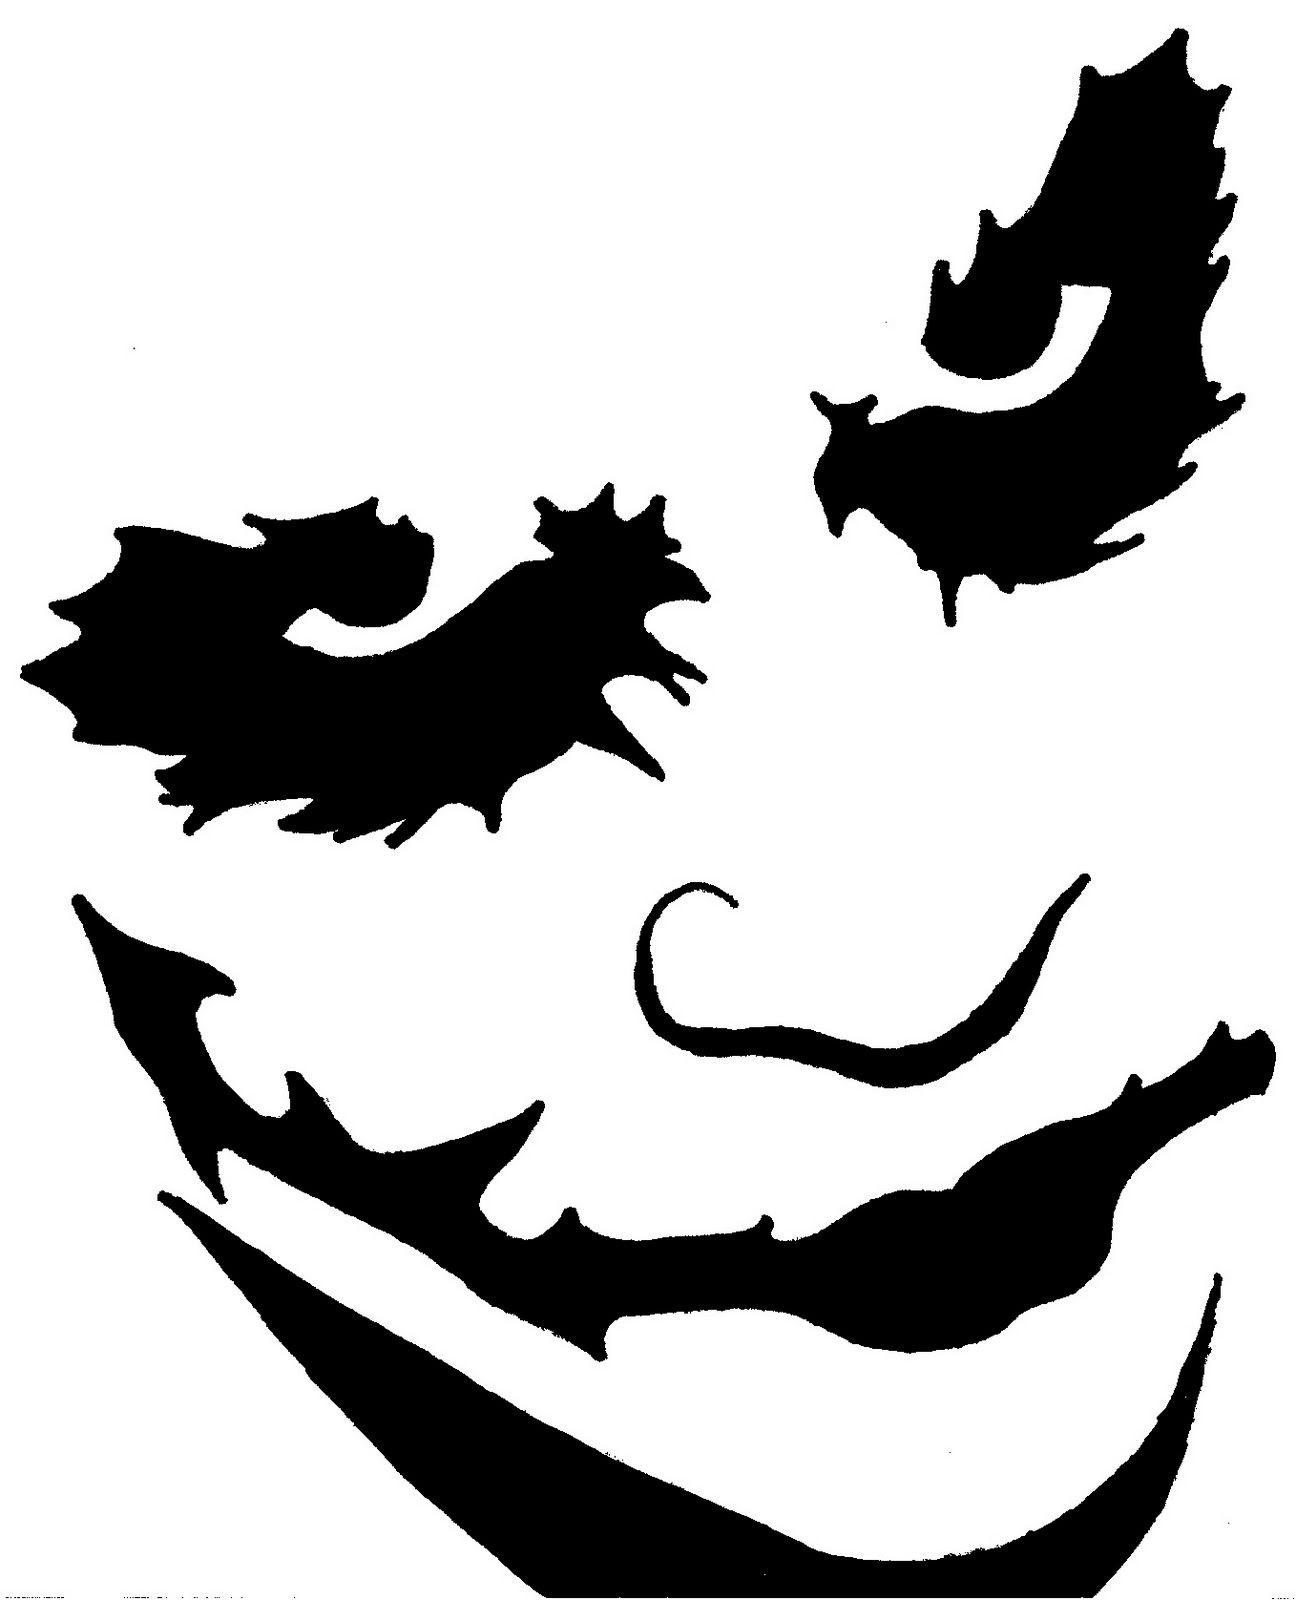 Pumpkin Carving Templates Heath Ledger As The Joker